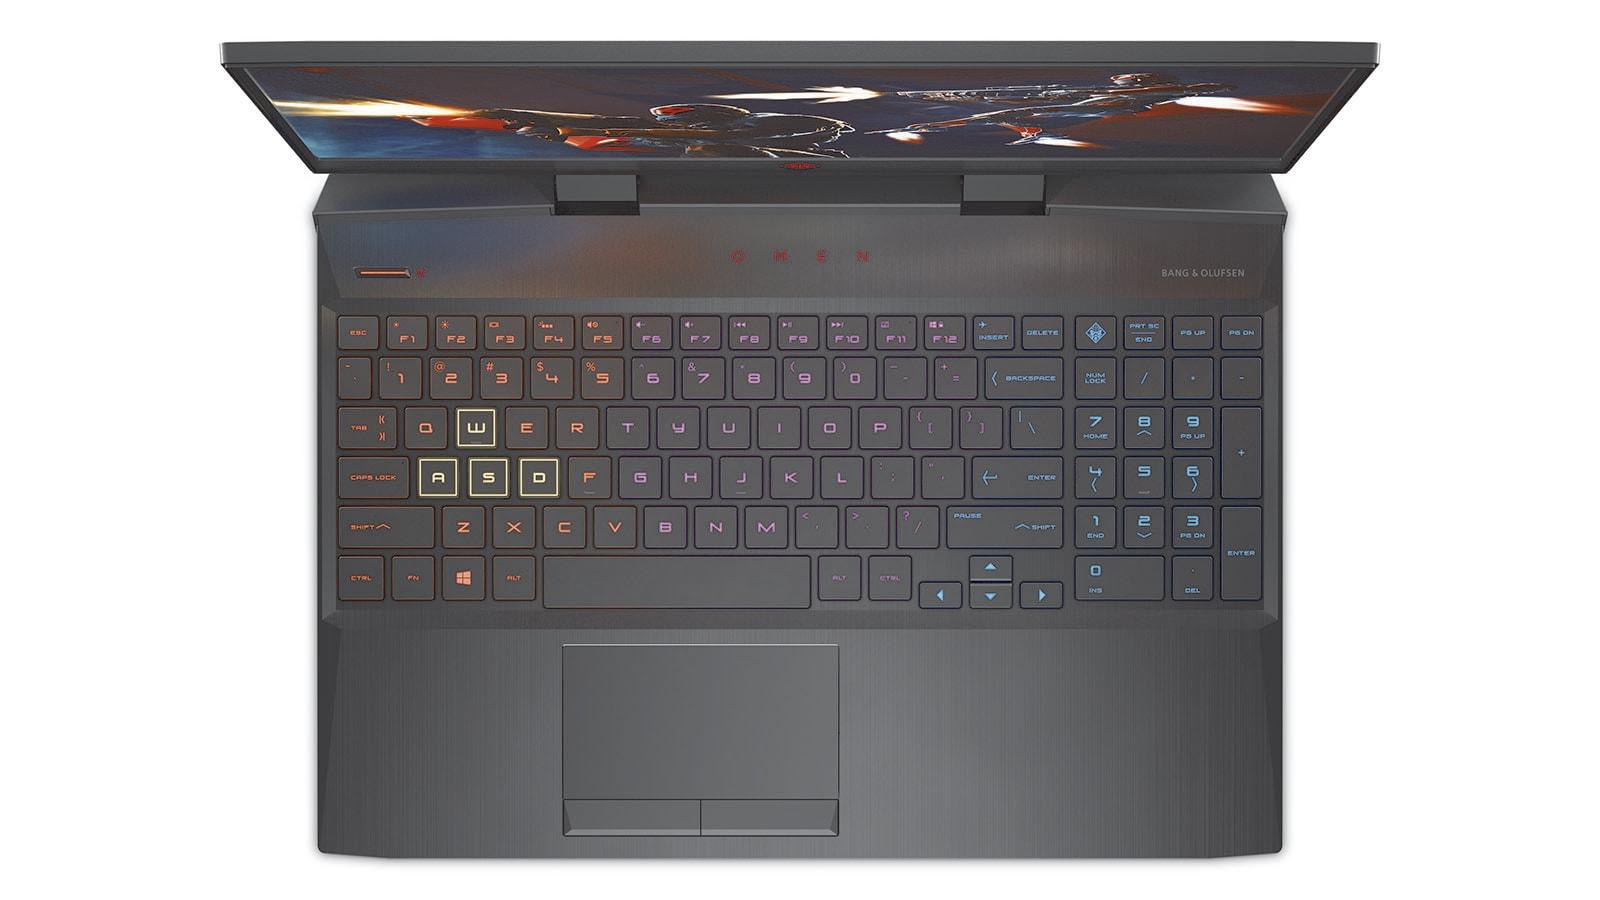 HP Omen 15 gaming laptop